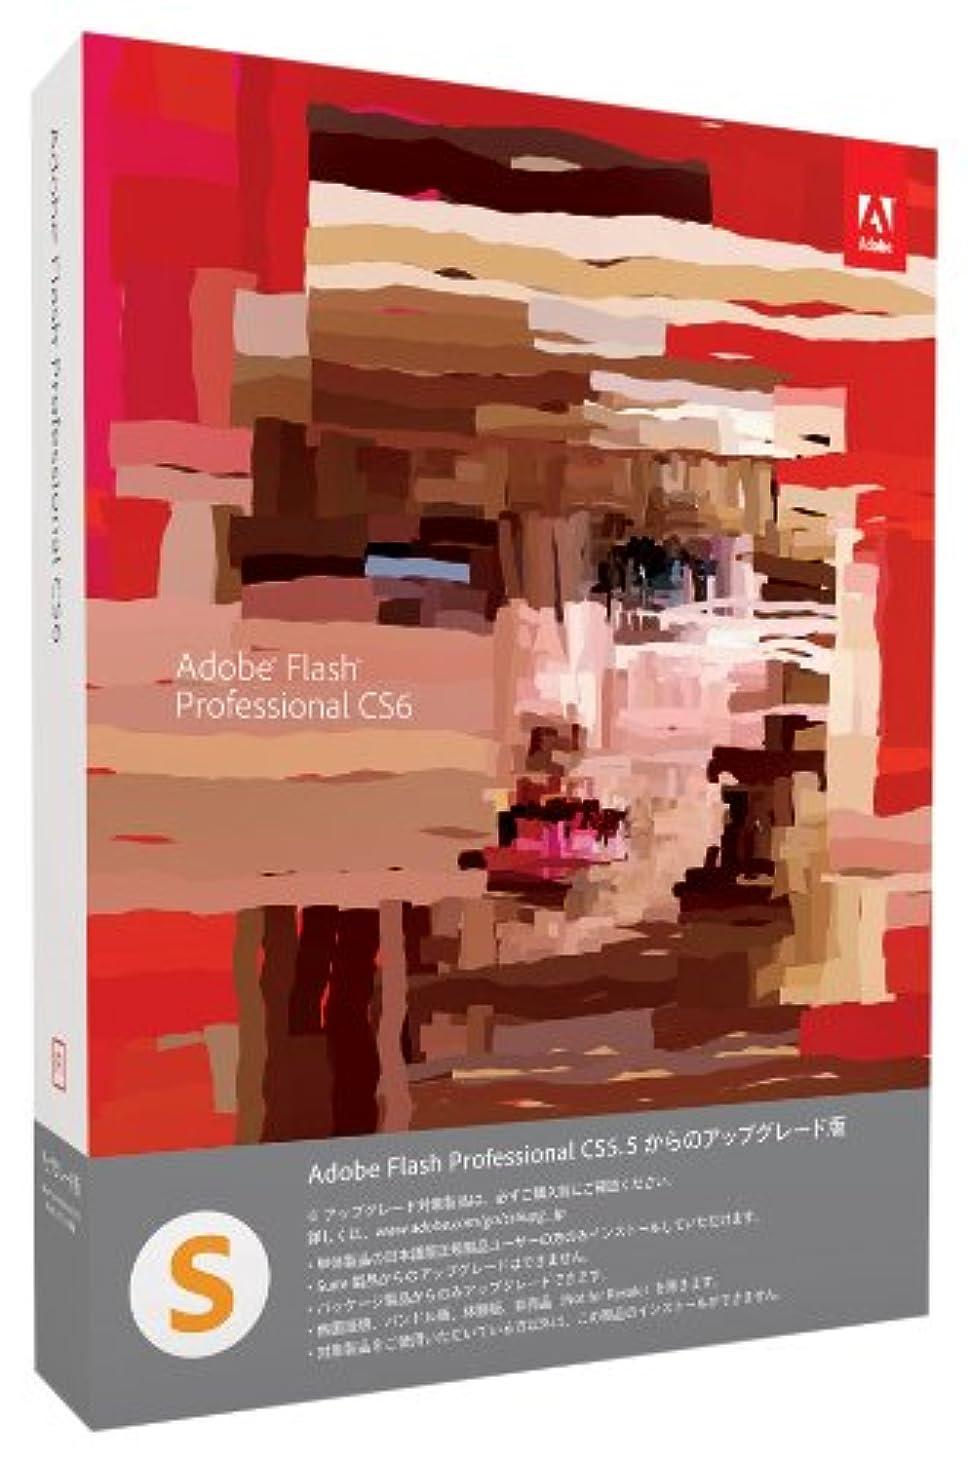 アリスレジくちばしAdobe Flash Professional CS6 Windows版 アップグレード版「S」(CS5.5からのアップグレード) (旧製品)